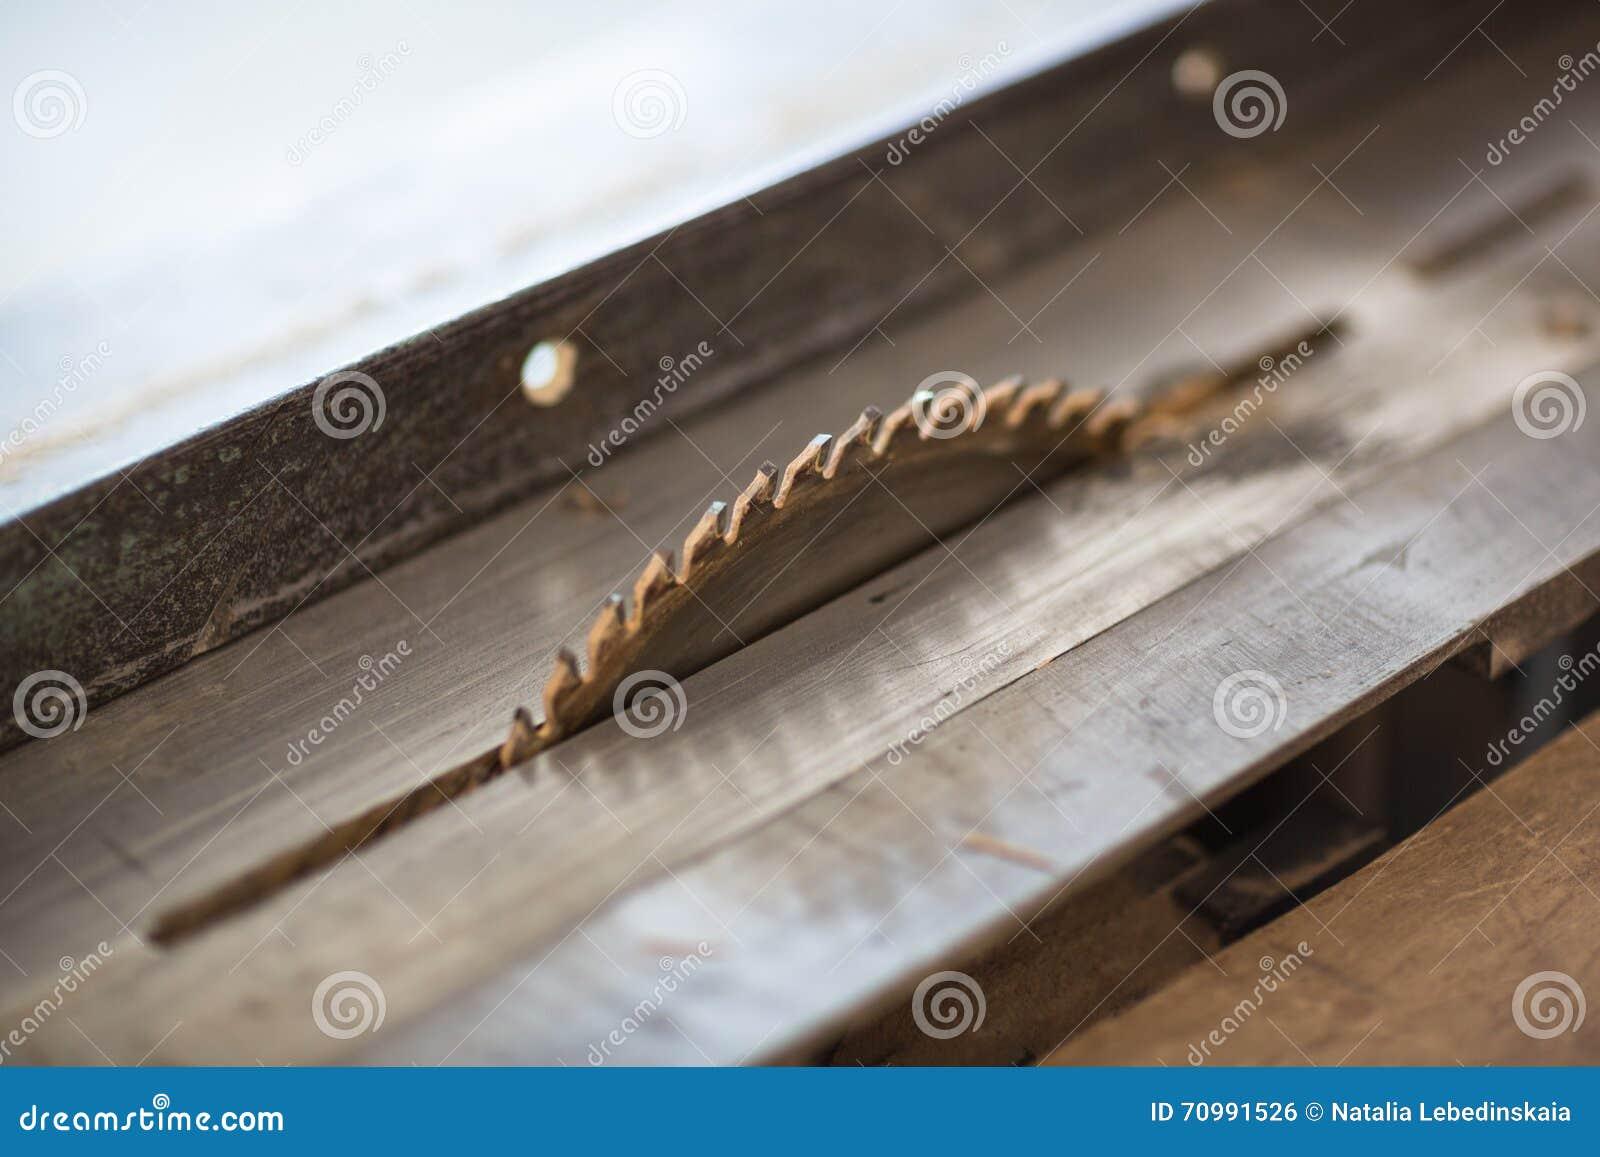 La tabla electrónica de la máquina vio, el trabajo de madera de la carpintería